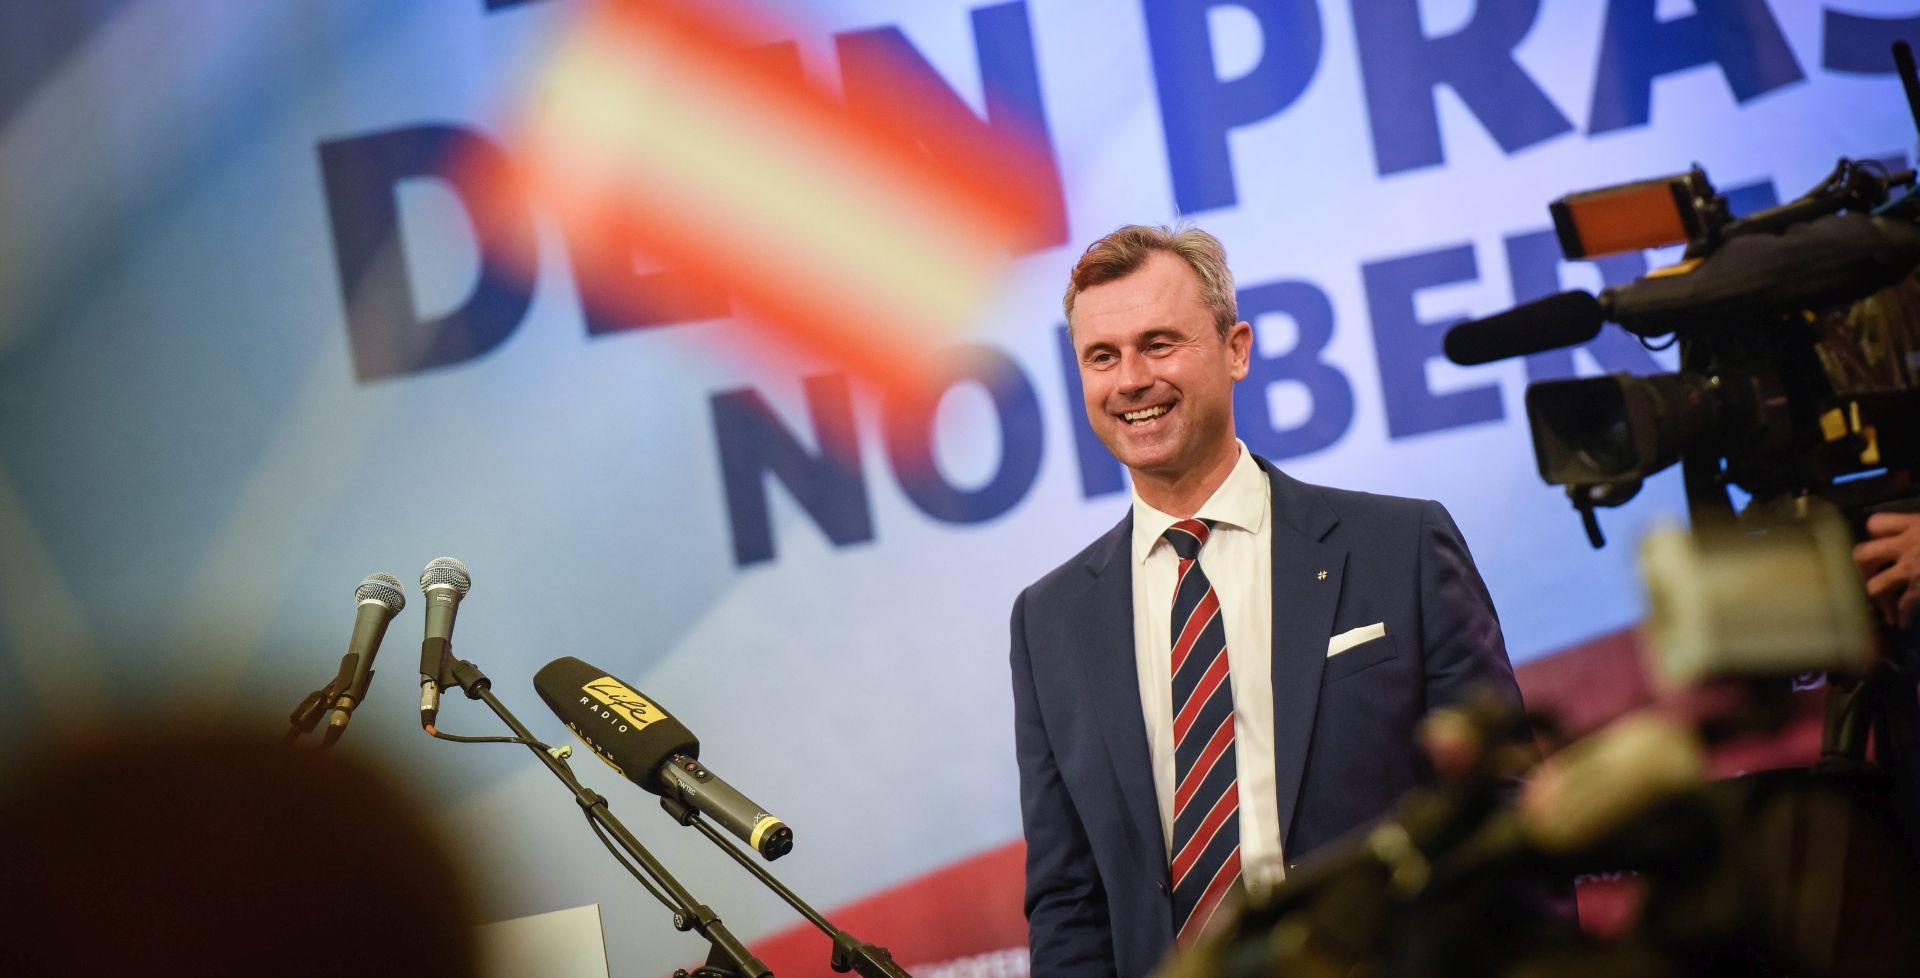 Dio austrijskih konzervativaca poziva na glasanje protiv Hofera